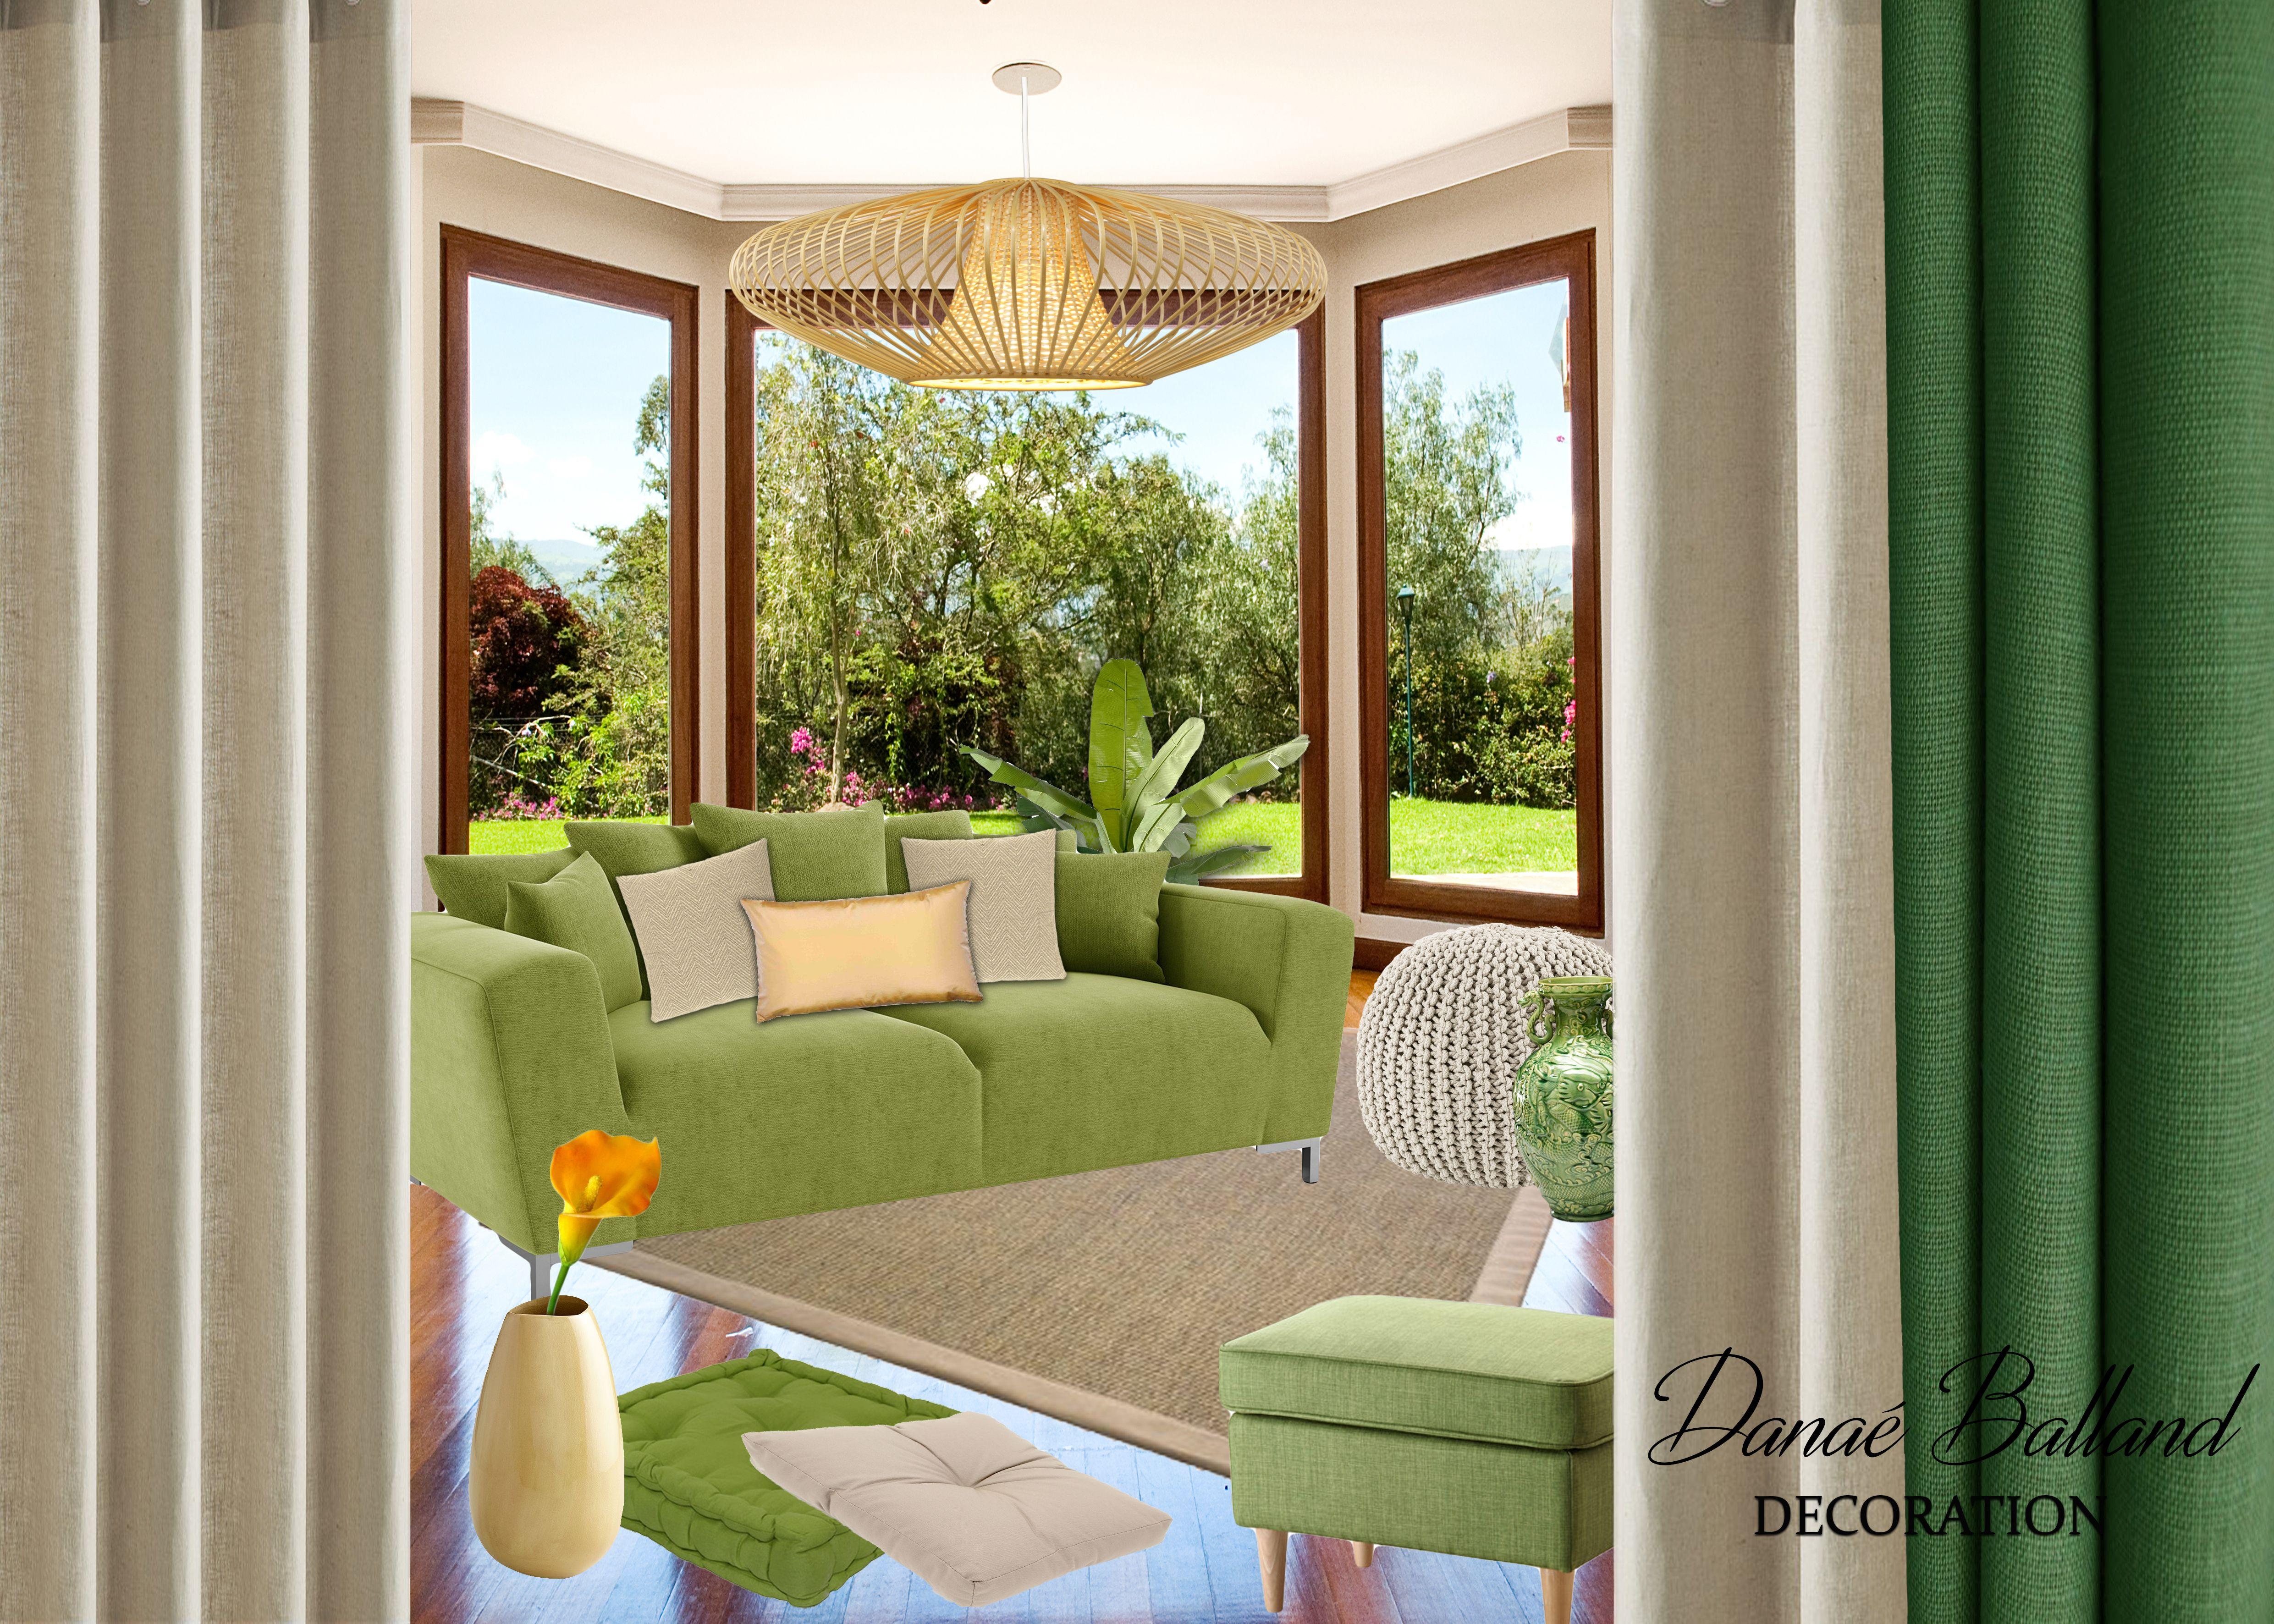 planche tendance dcoration intrieure salon ambiance douce et naturelle zen chaleureuse - Salon Vert Et Beige